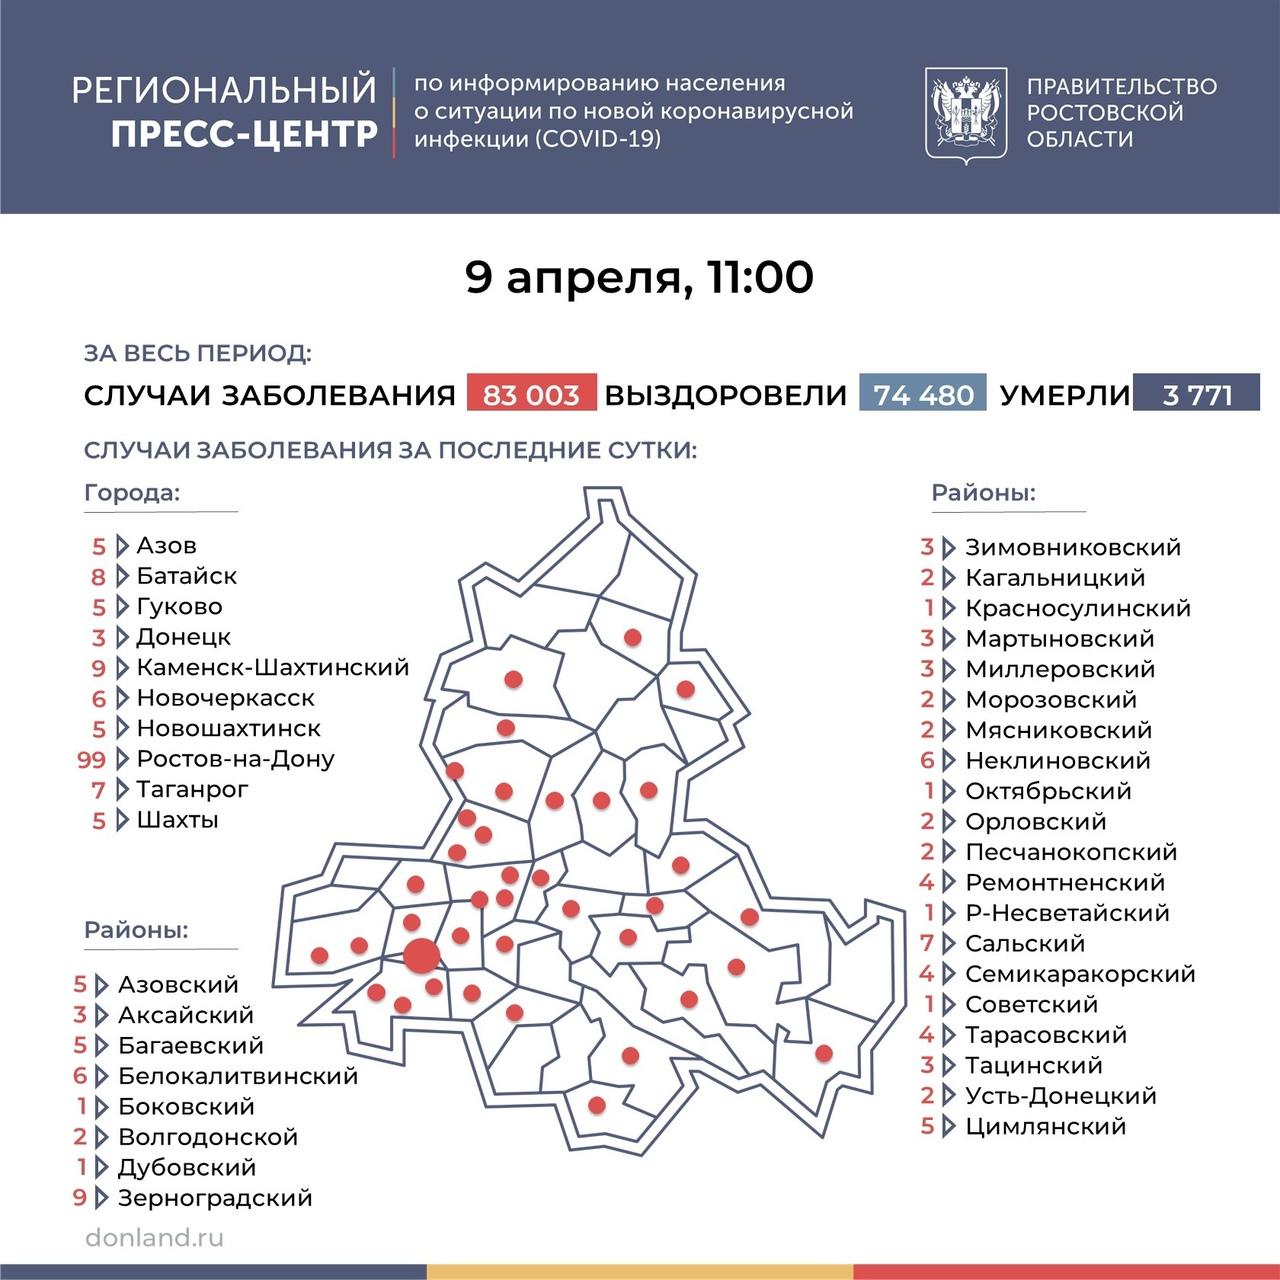 На Дону число инфицированных COVID-19 составляет 242, в Таганроге 7 новых случаев